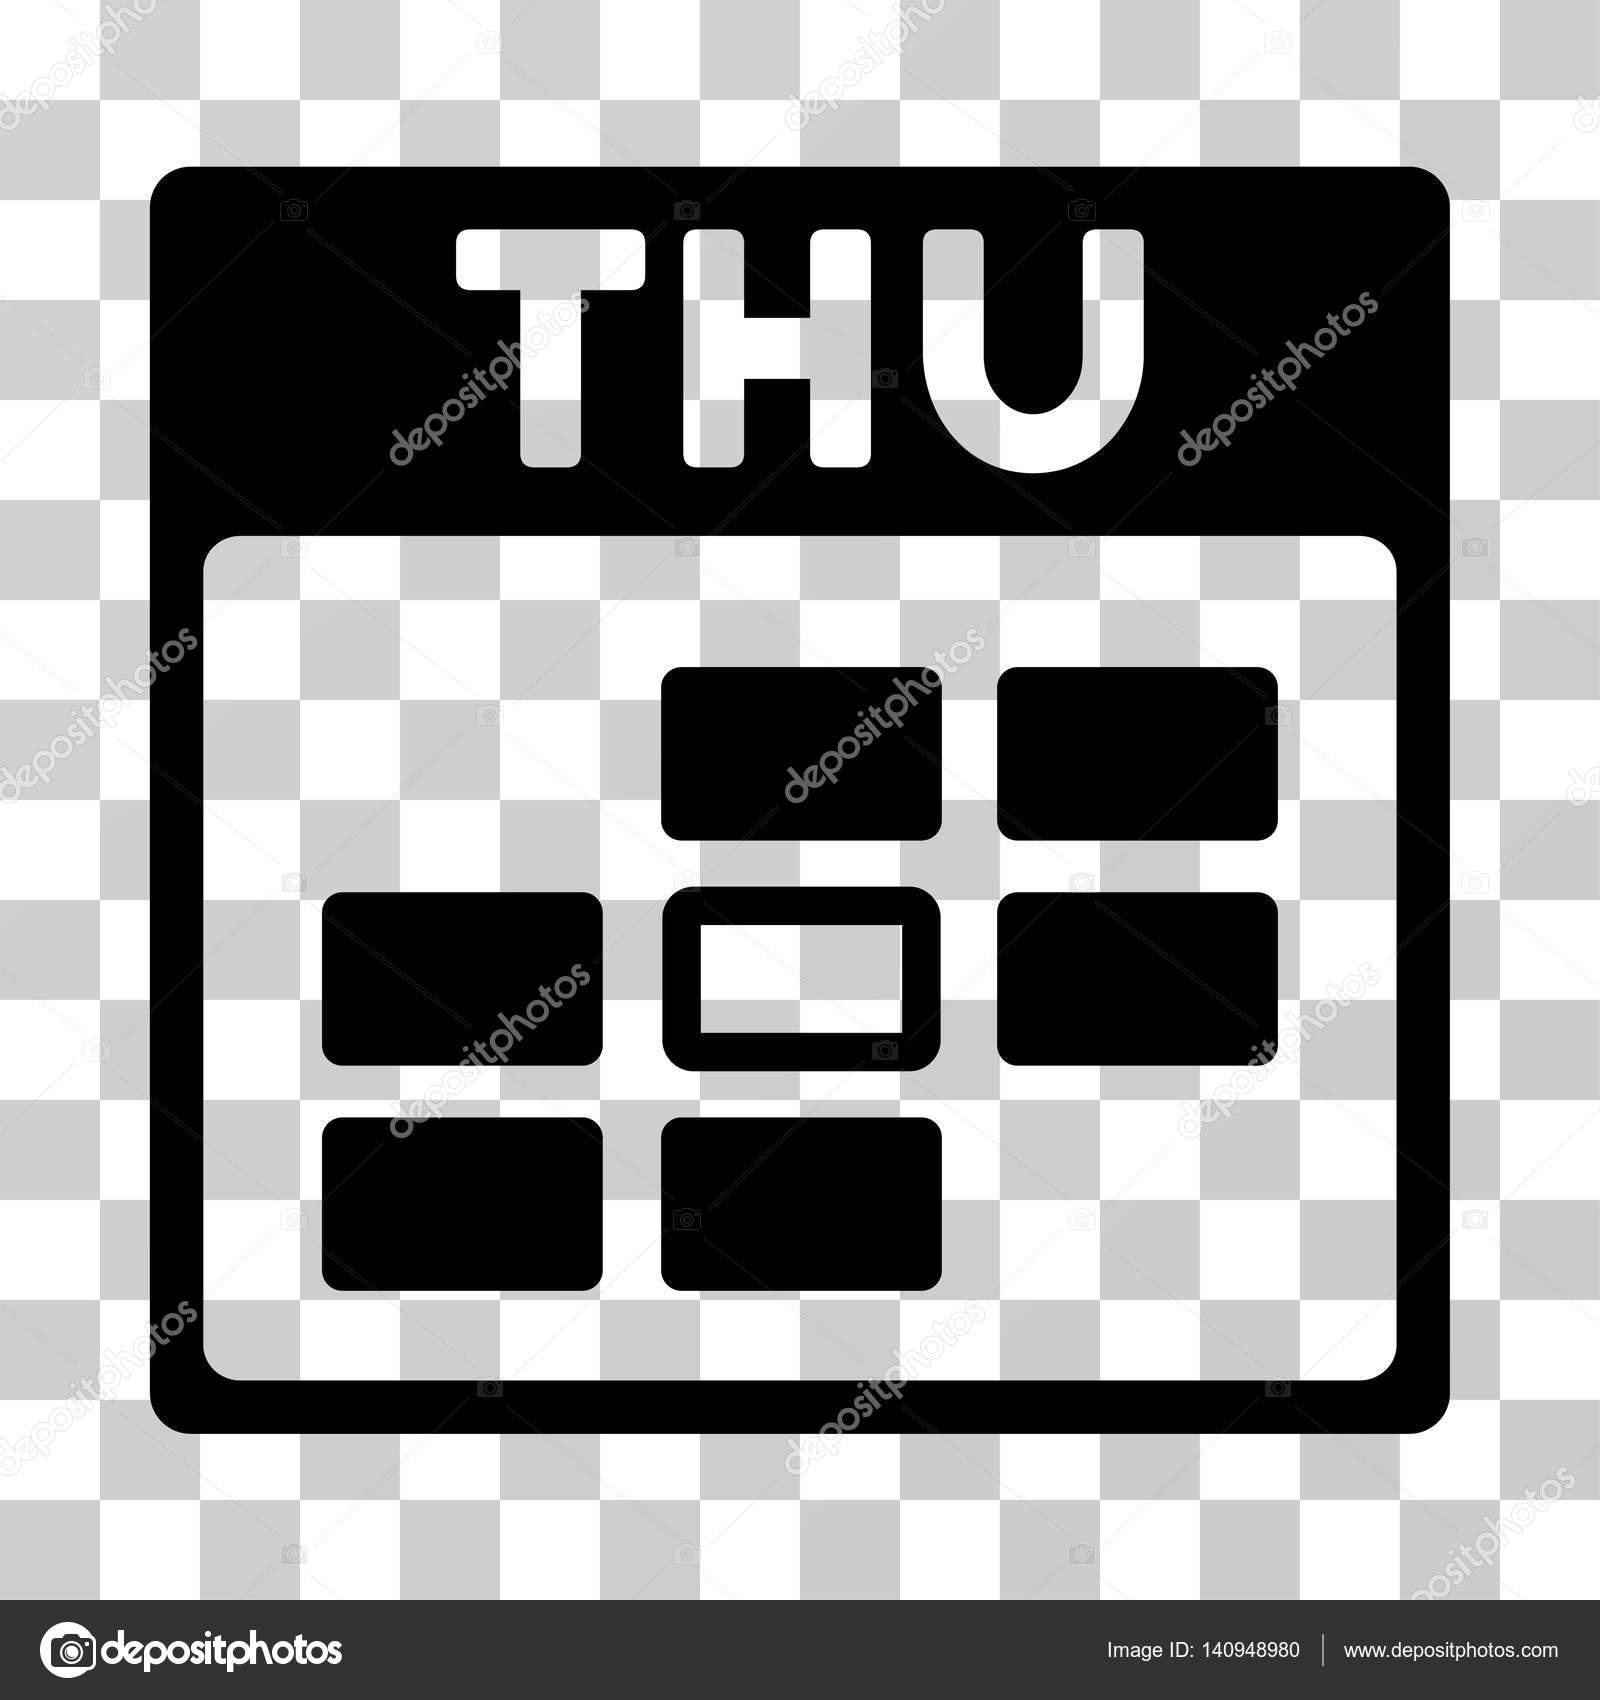 1485913b Vektor illustration stil är platt ikonisk symbol, svart färg, transparent  bakgrund. Utformad för webb- och programvara gränssnitt — Vektor av ...